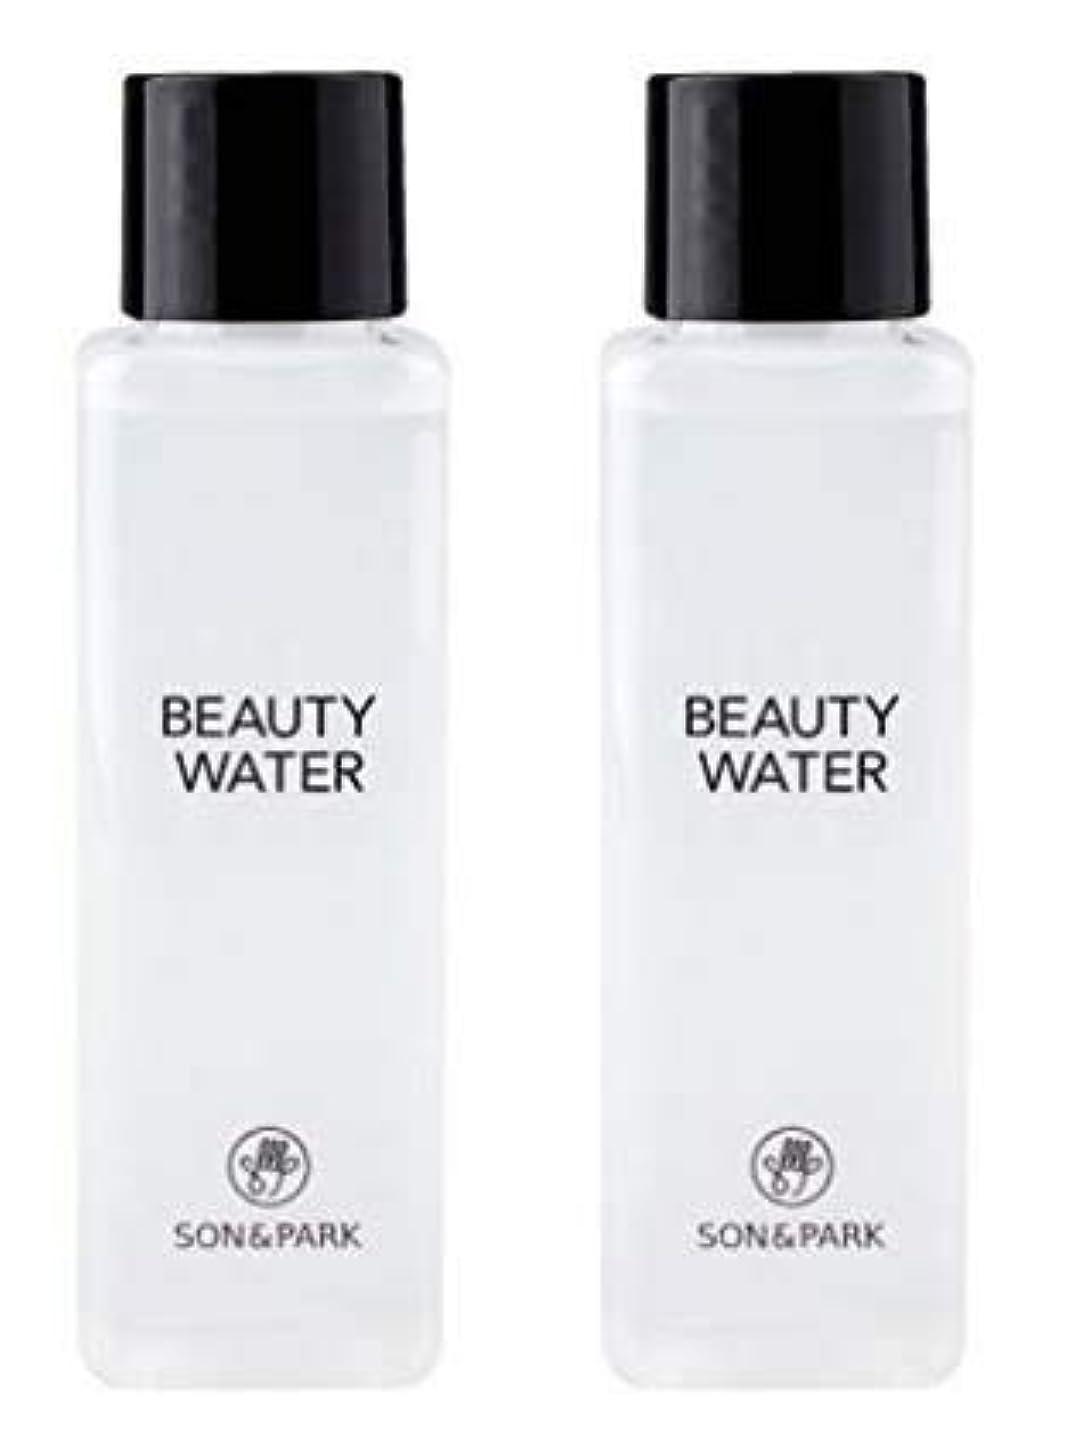 駐地帝国洪水SON&PARK Beauty Water 60ml*2 / ソン&パク ビューティー ウォーター 60ml*2 [並行輸入品]